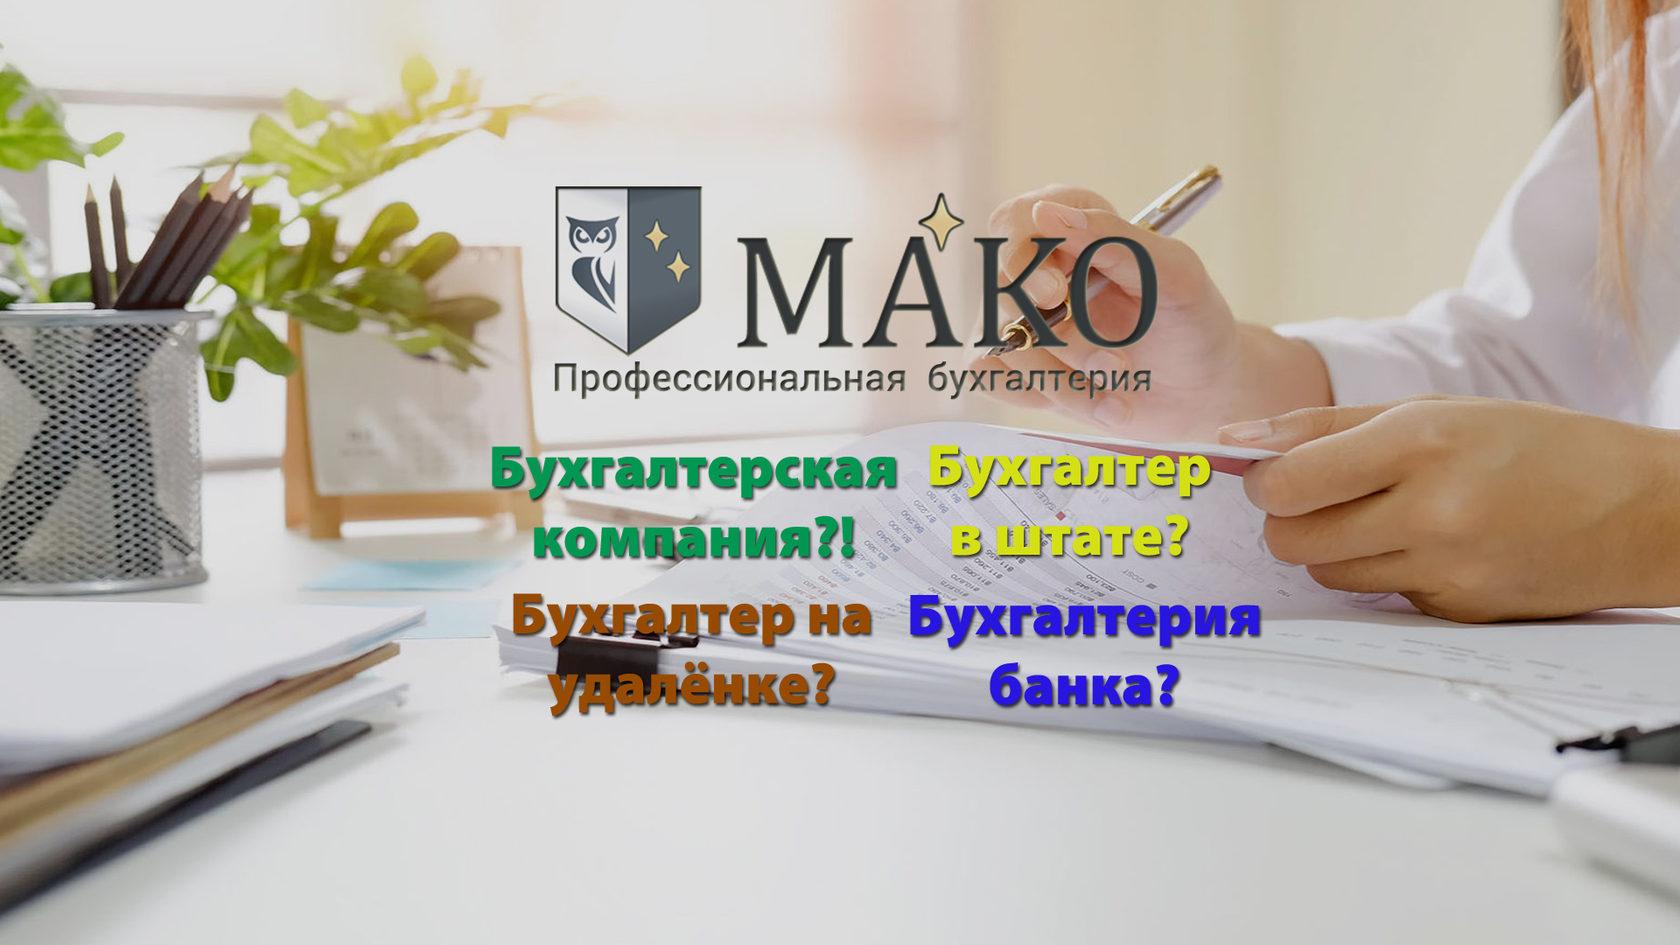 Бухгалтер вакансия москва сао письмо на бронирование номера в гостинице